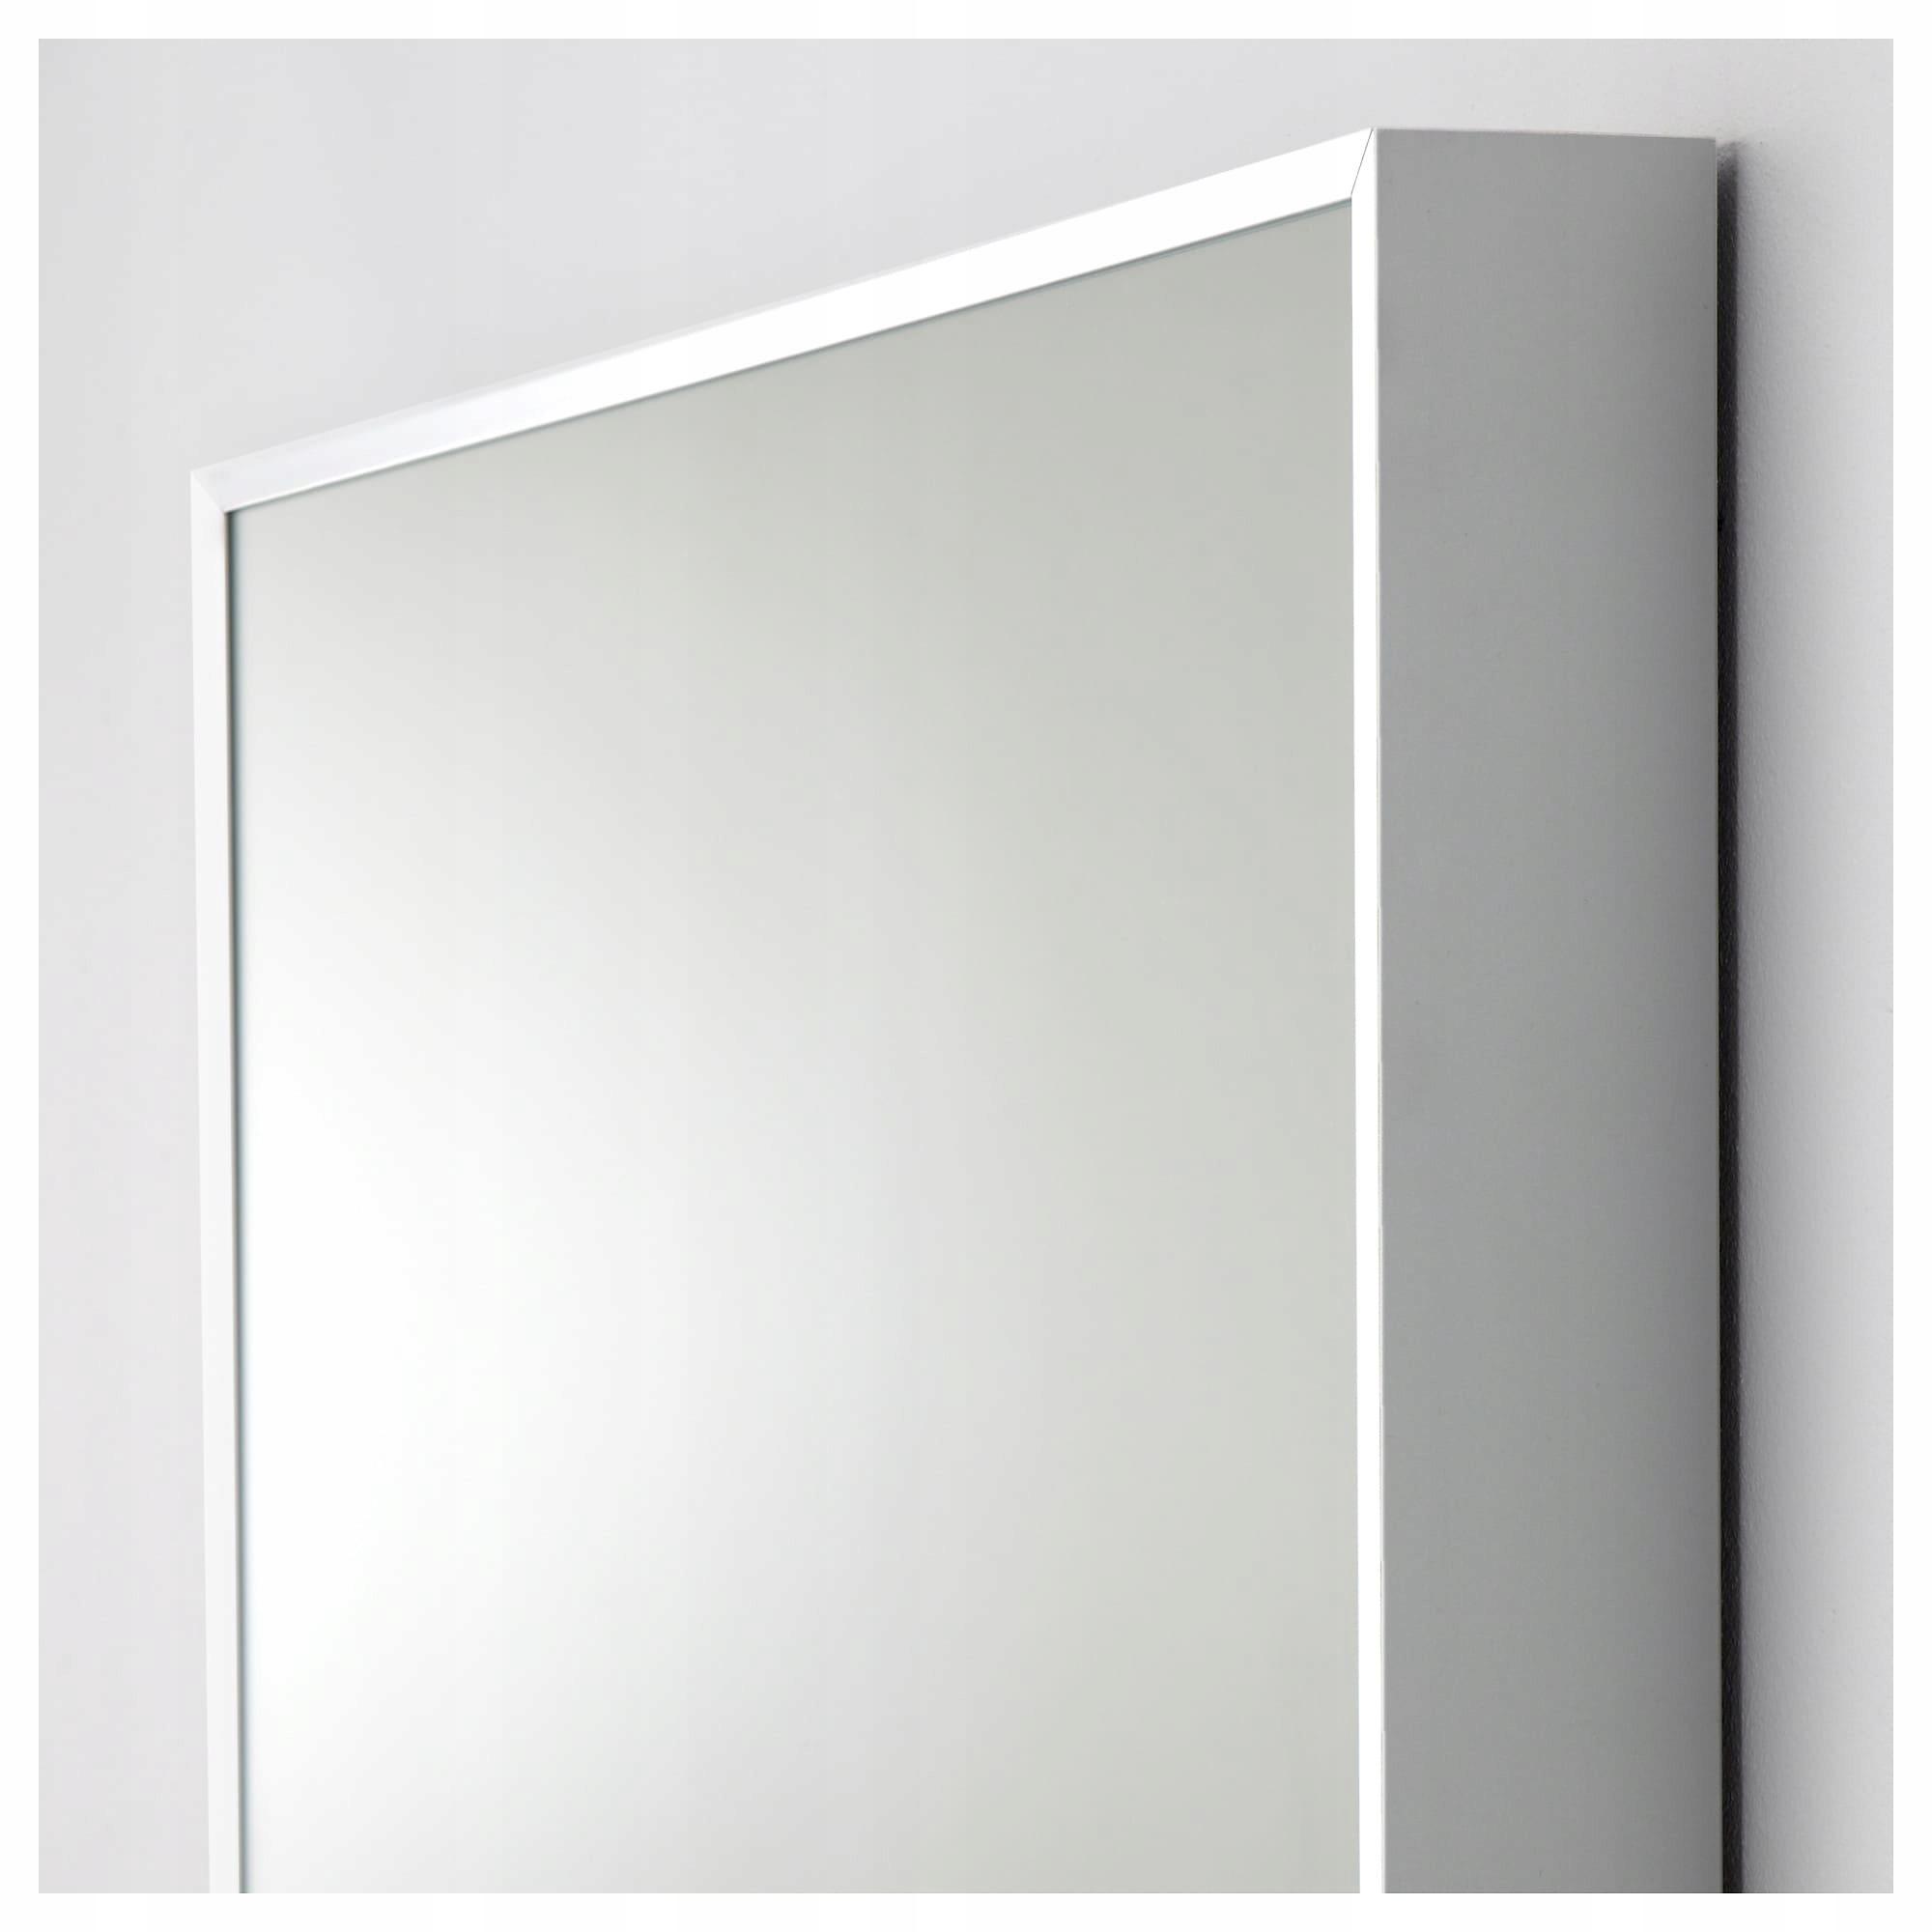 Hovet Lustro Ikea Aluminium 78x196 7644783419 Oficjalne Archiwum